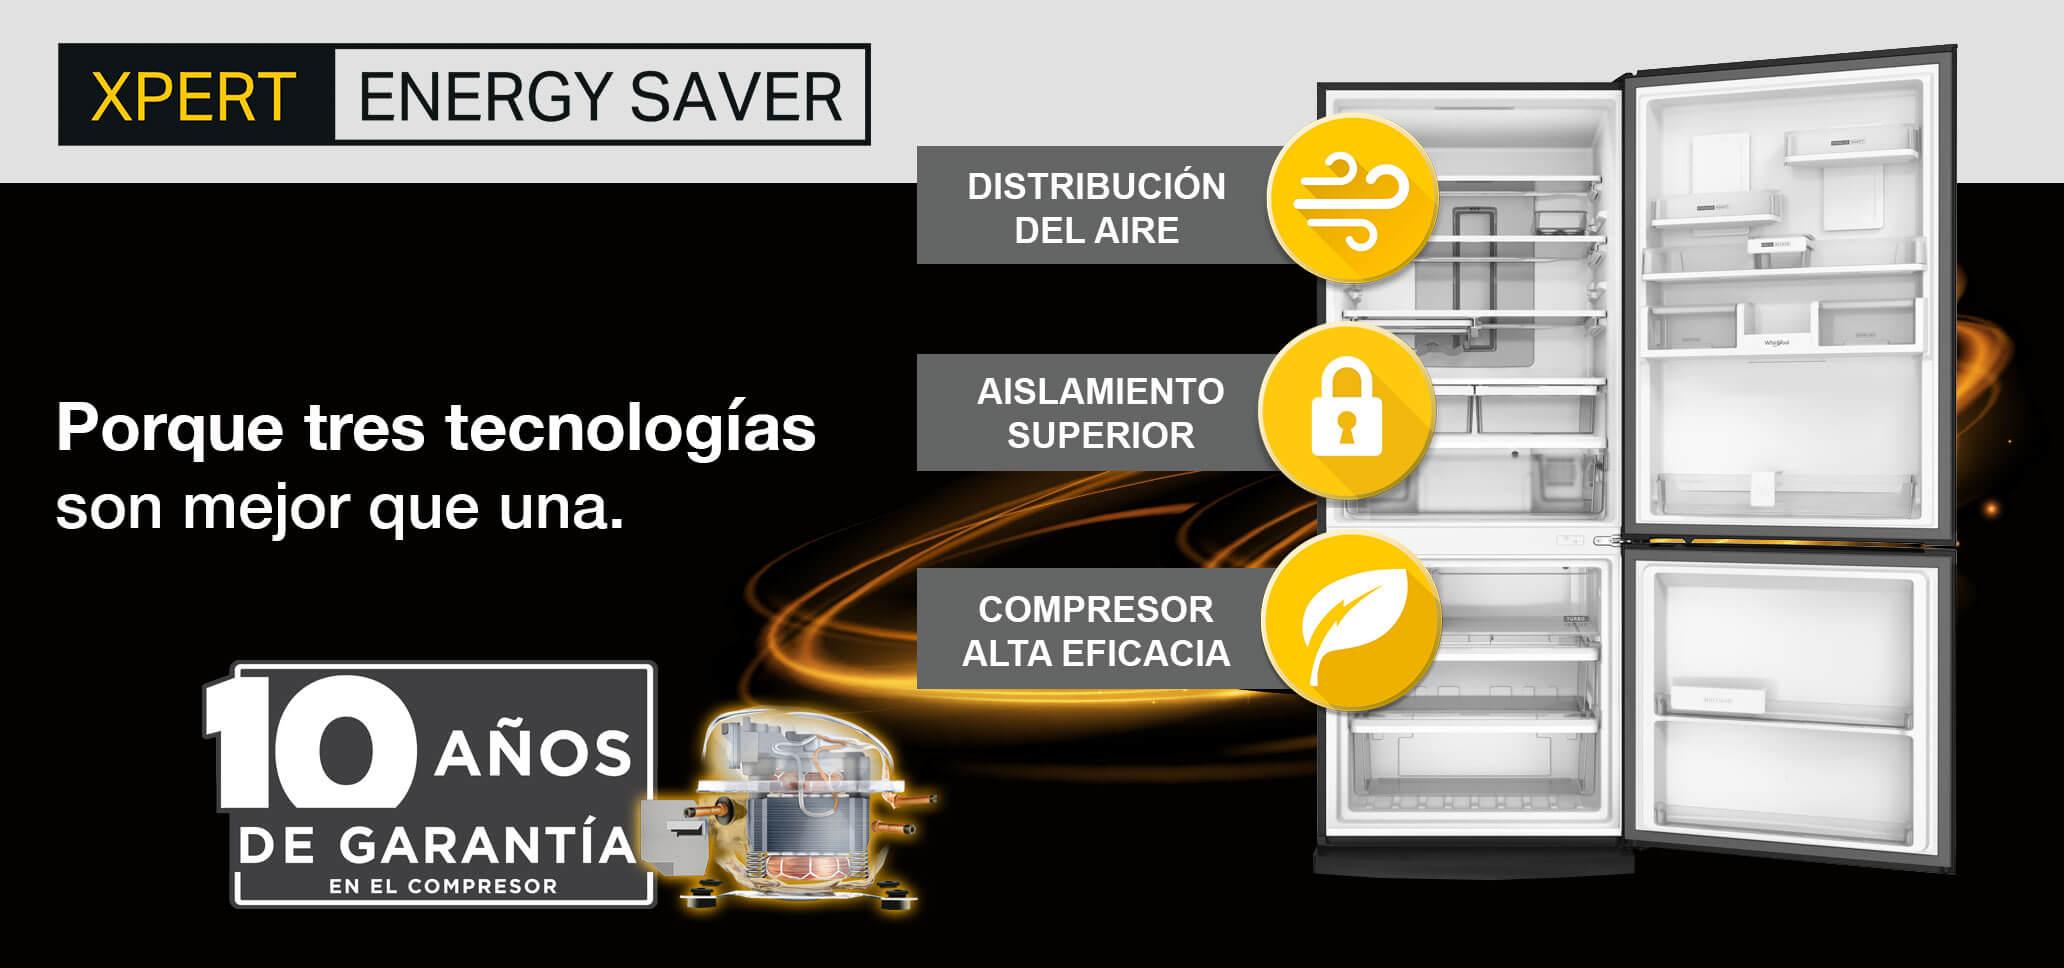 Xpert Energy Saver de Whirlpool. Tres tecnologías que ahorran y cuidan el planeta.